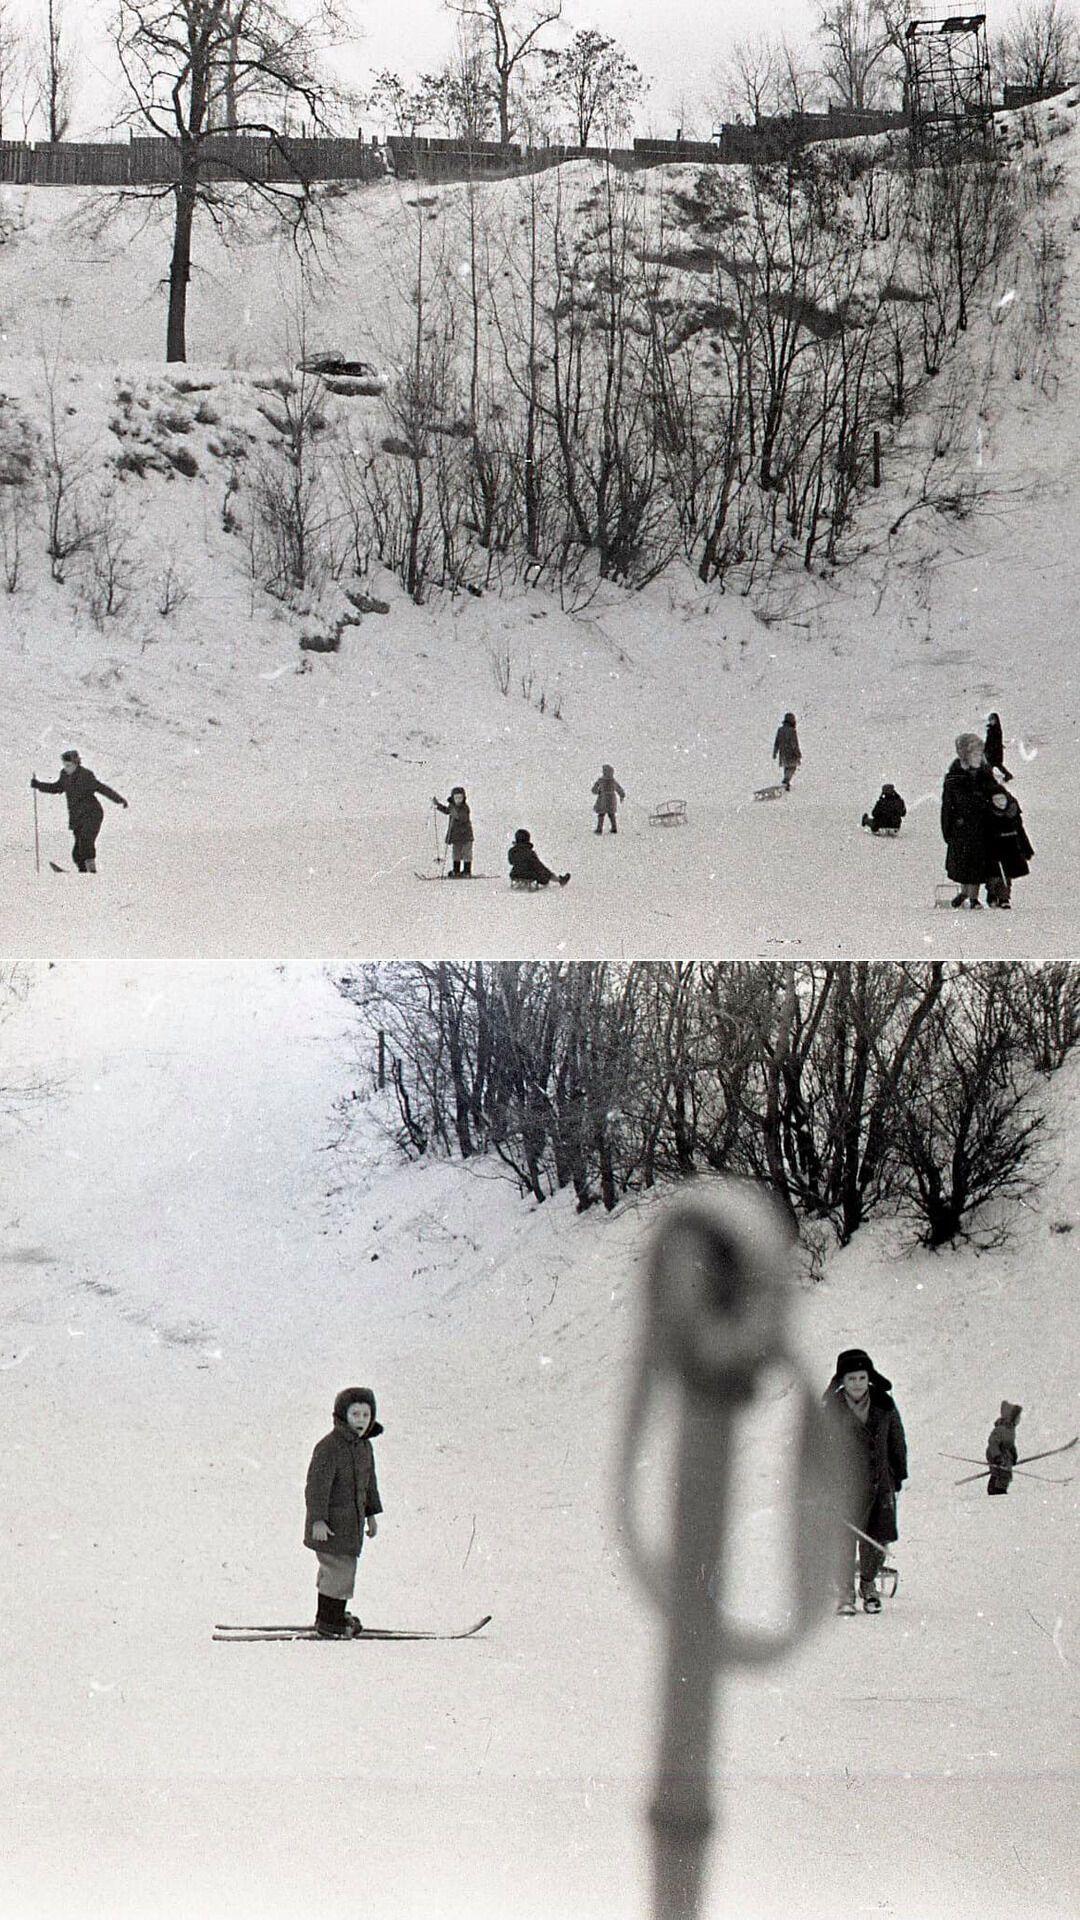 Склоны Черепановой горы в Киеве, 1964 год